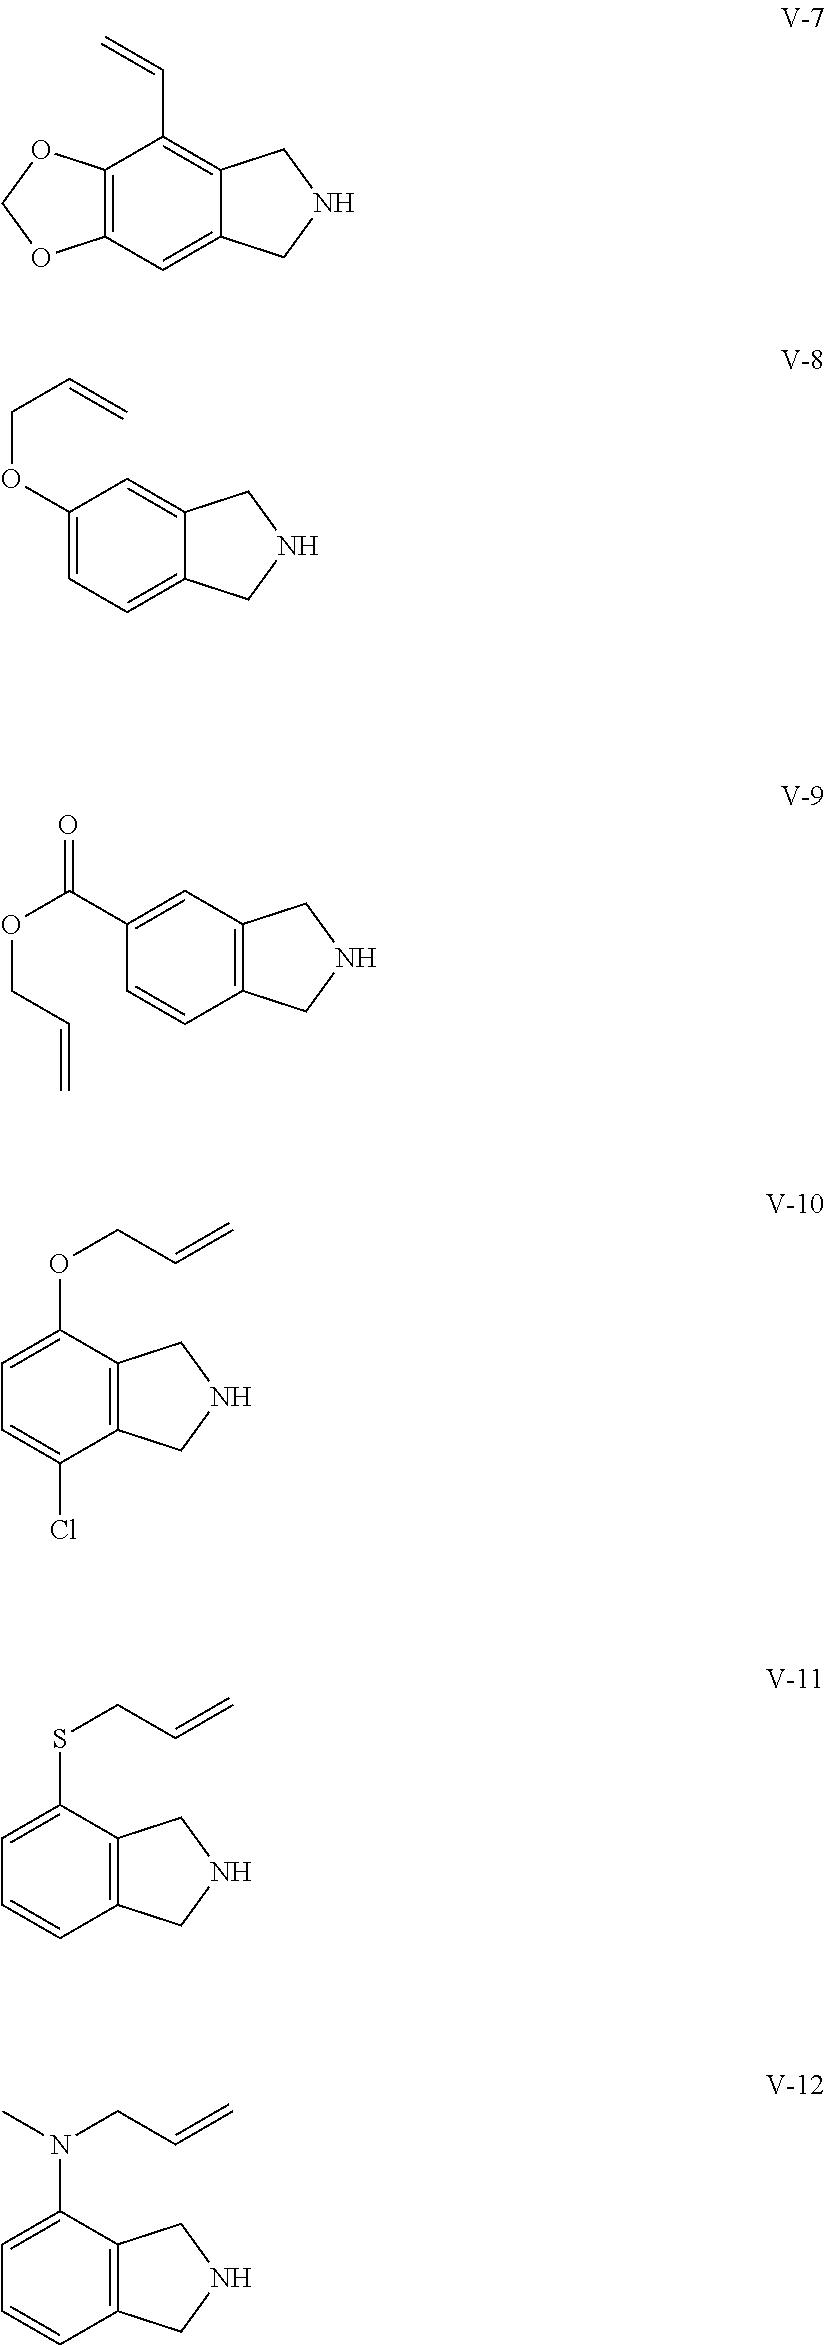 Figure US08962810-20150224-C00035